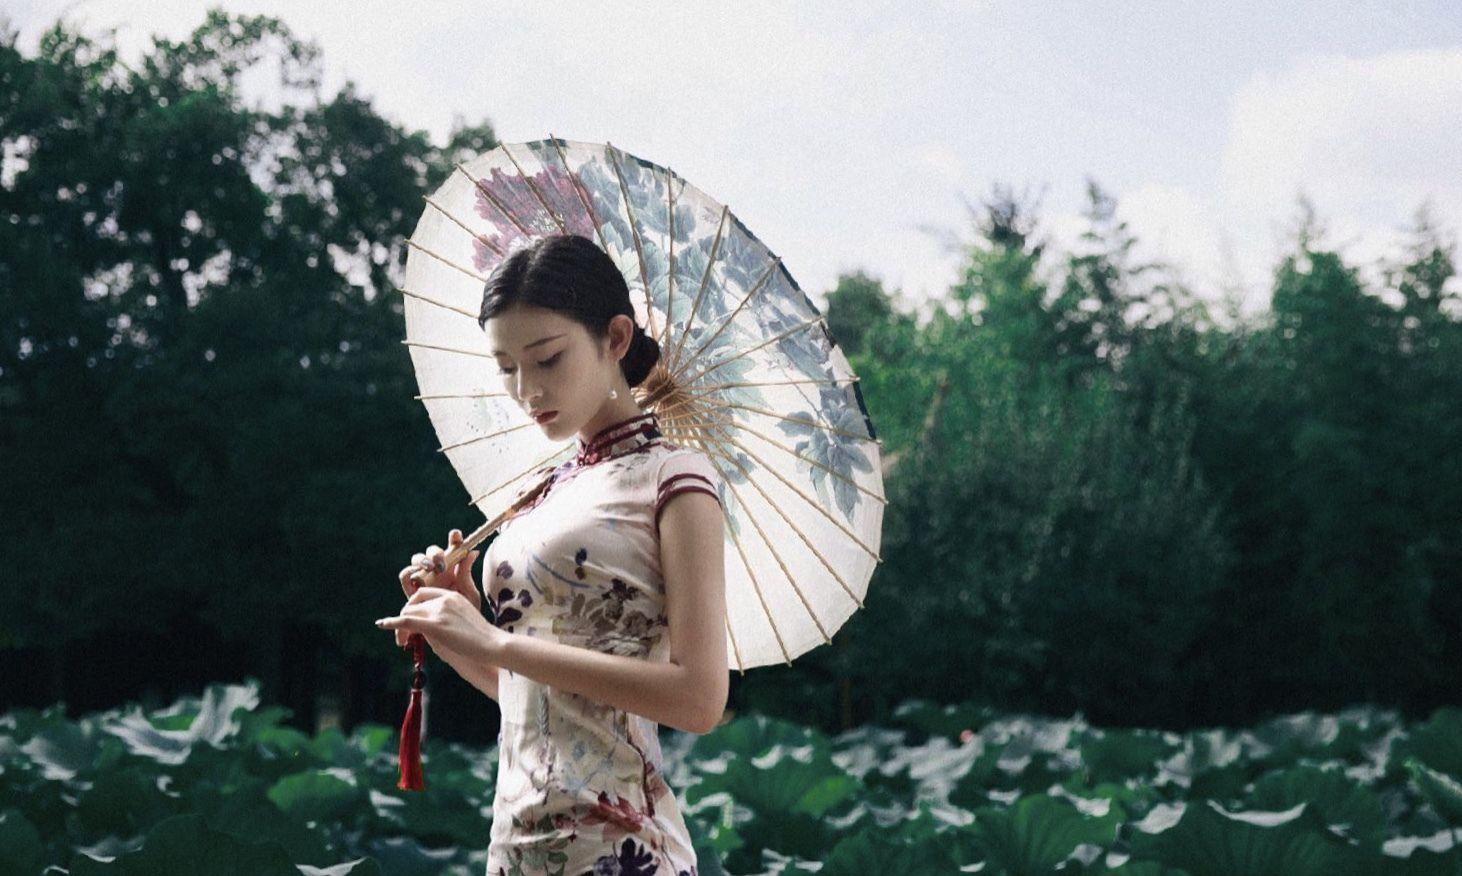 美女模特王星辰旗袍写真太美,身材太完美